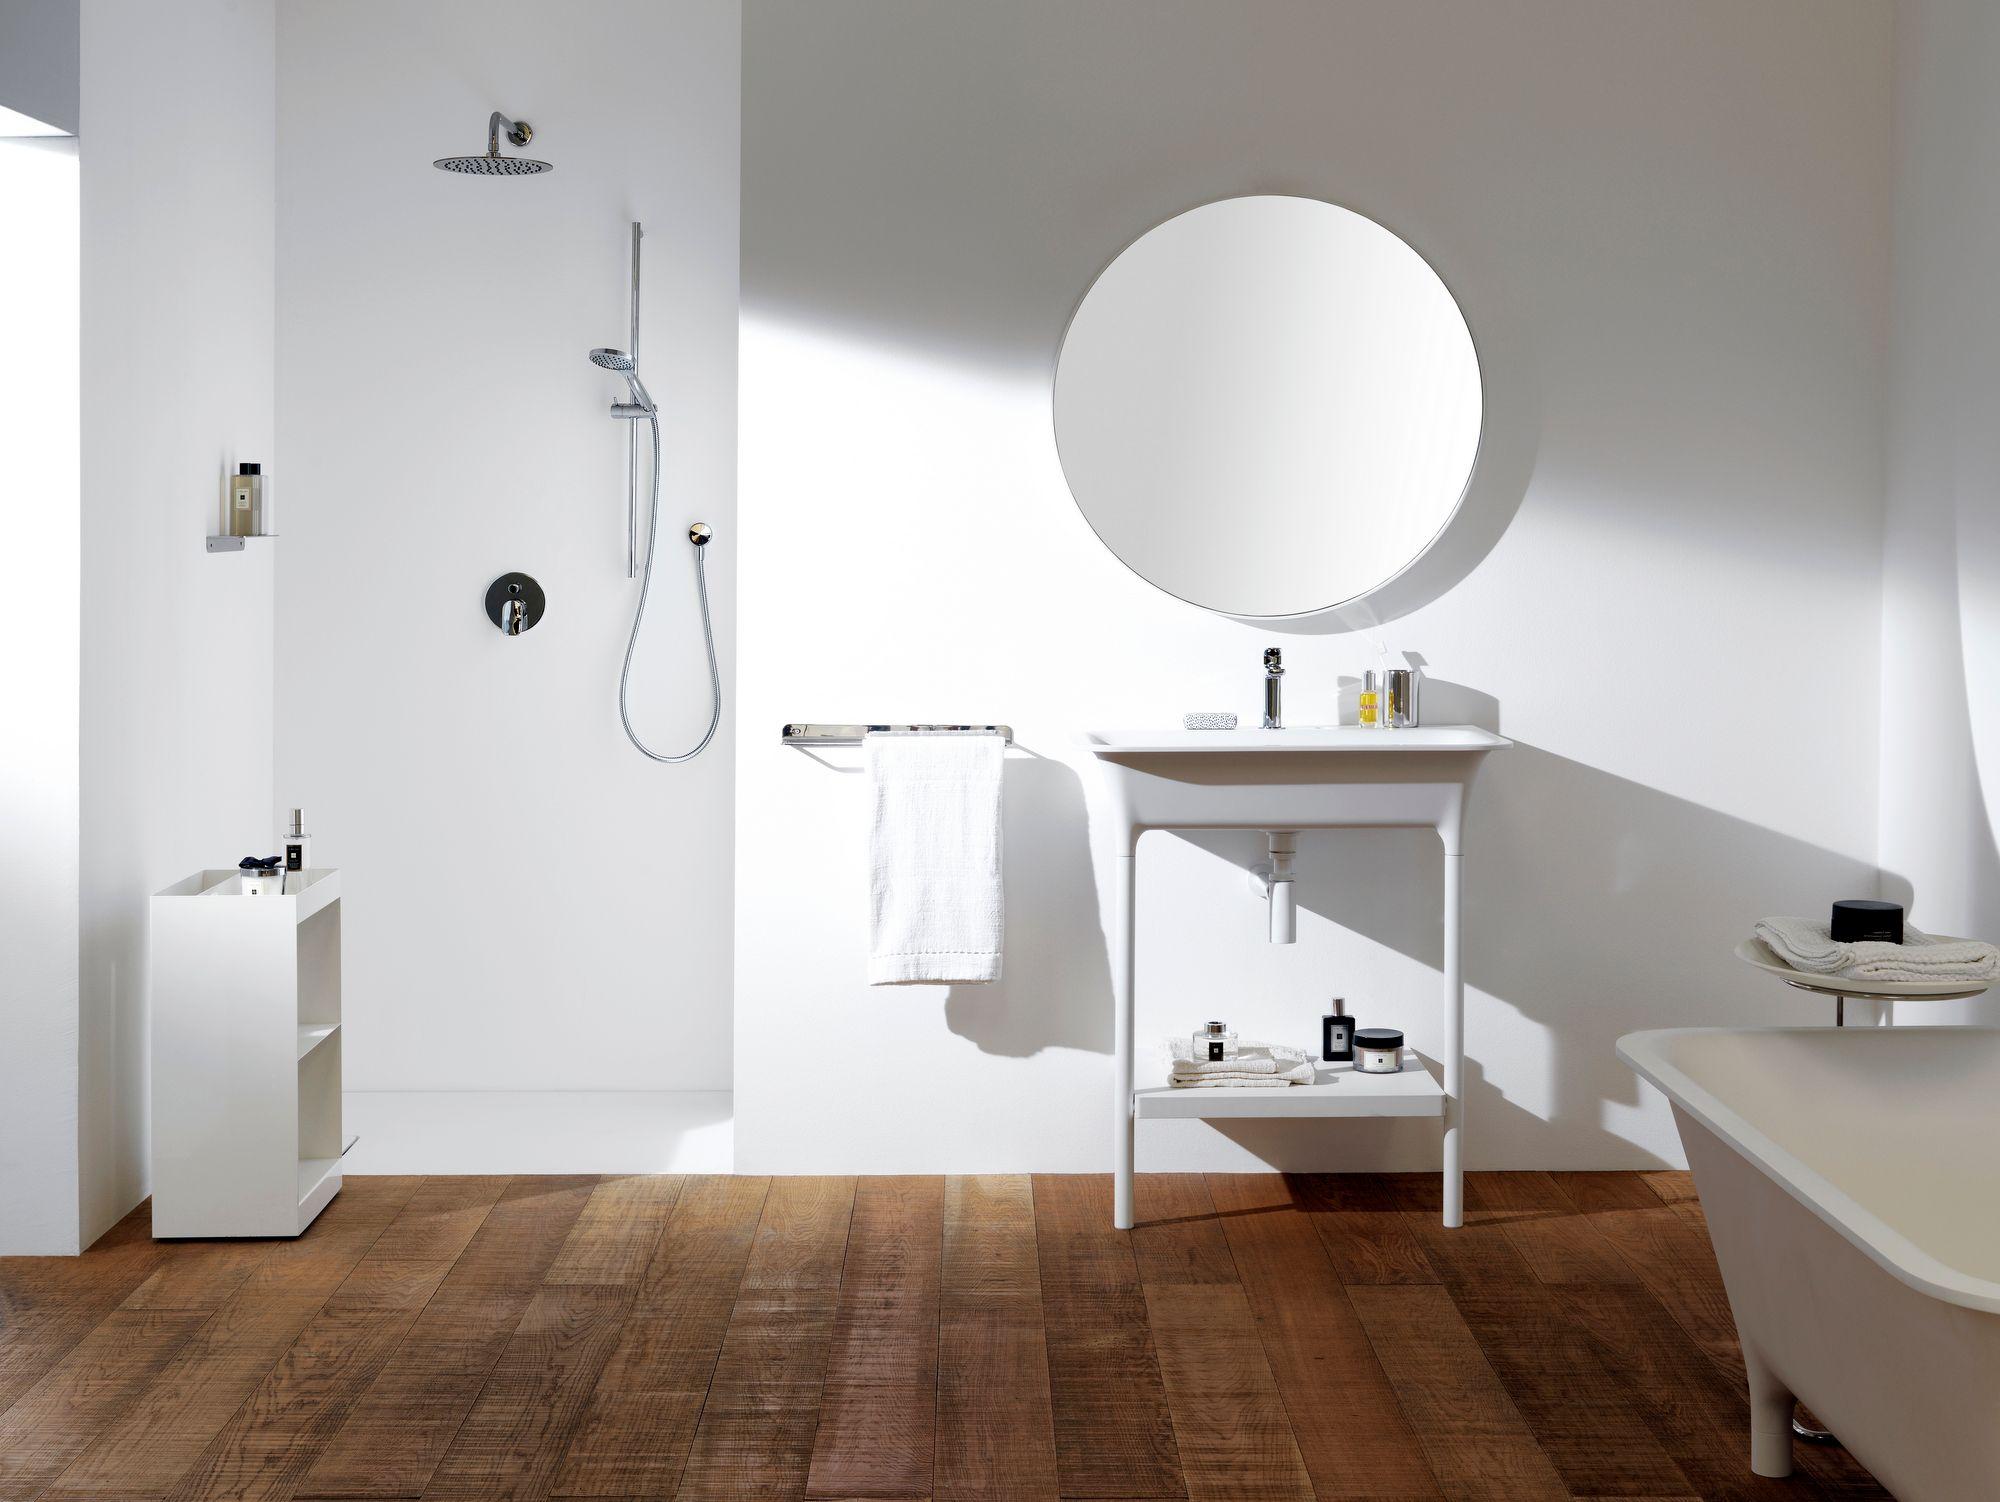 Brim miscelatore per lavabo da piano collezione brim by zucchetti design ludovica roberto palomba - Rubinetteria bagno zucchetti ...